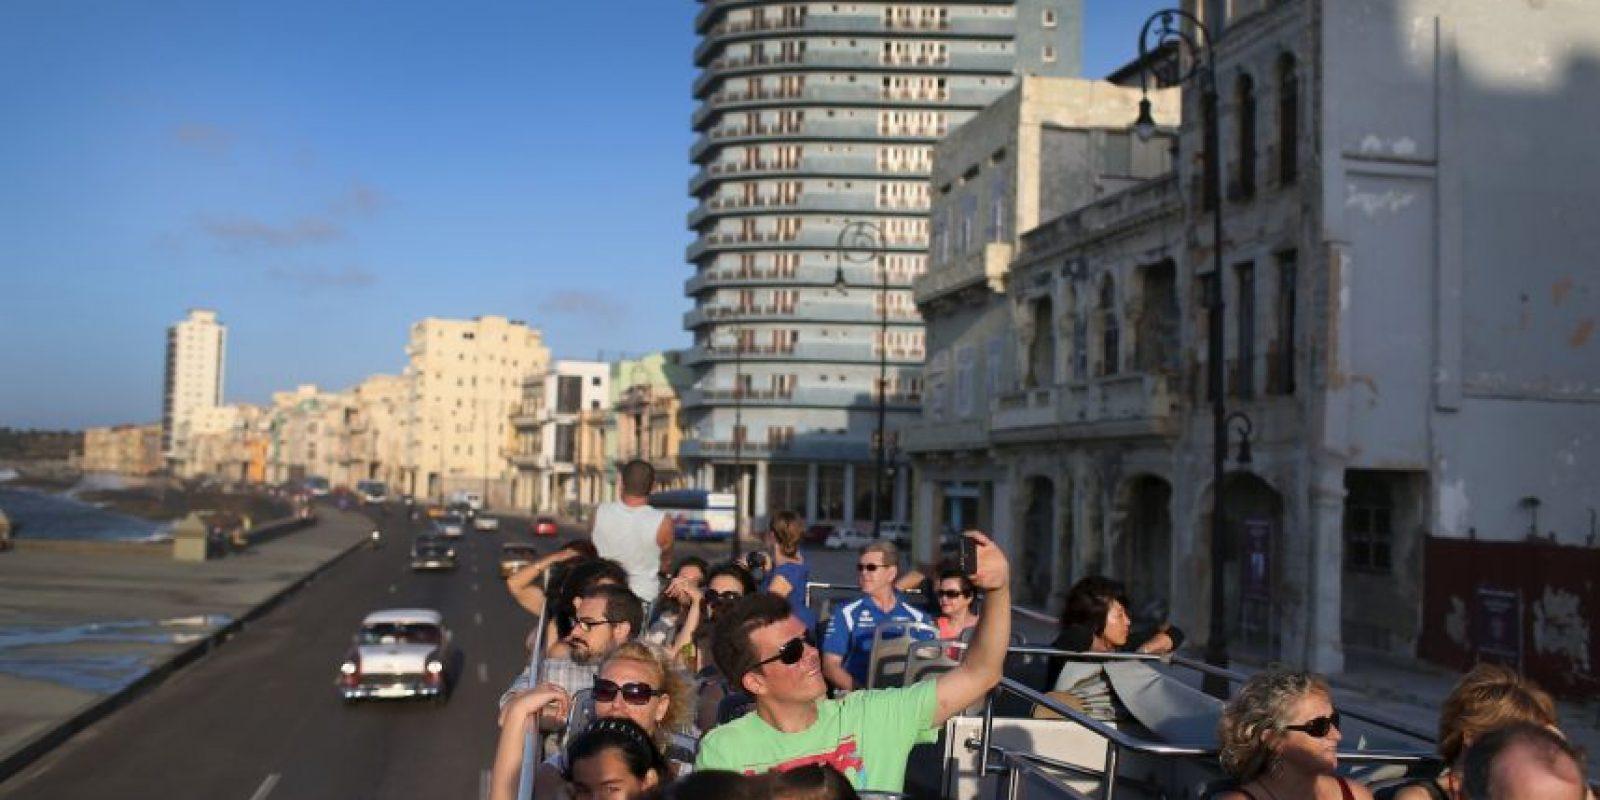 Se seguirá solicitando a los estadounidenses una licencia especial para viajar a Cuba. Foto:Getty Images